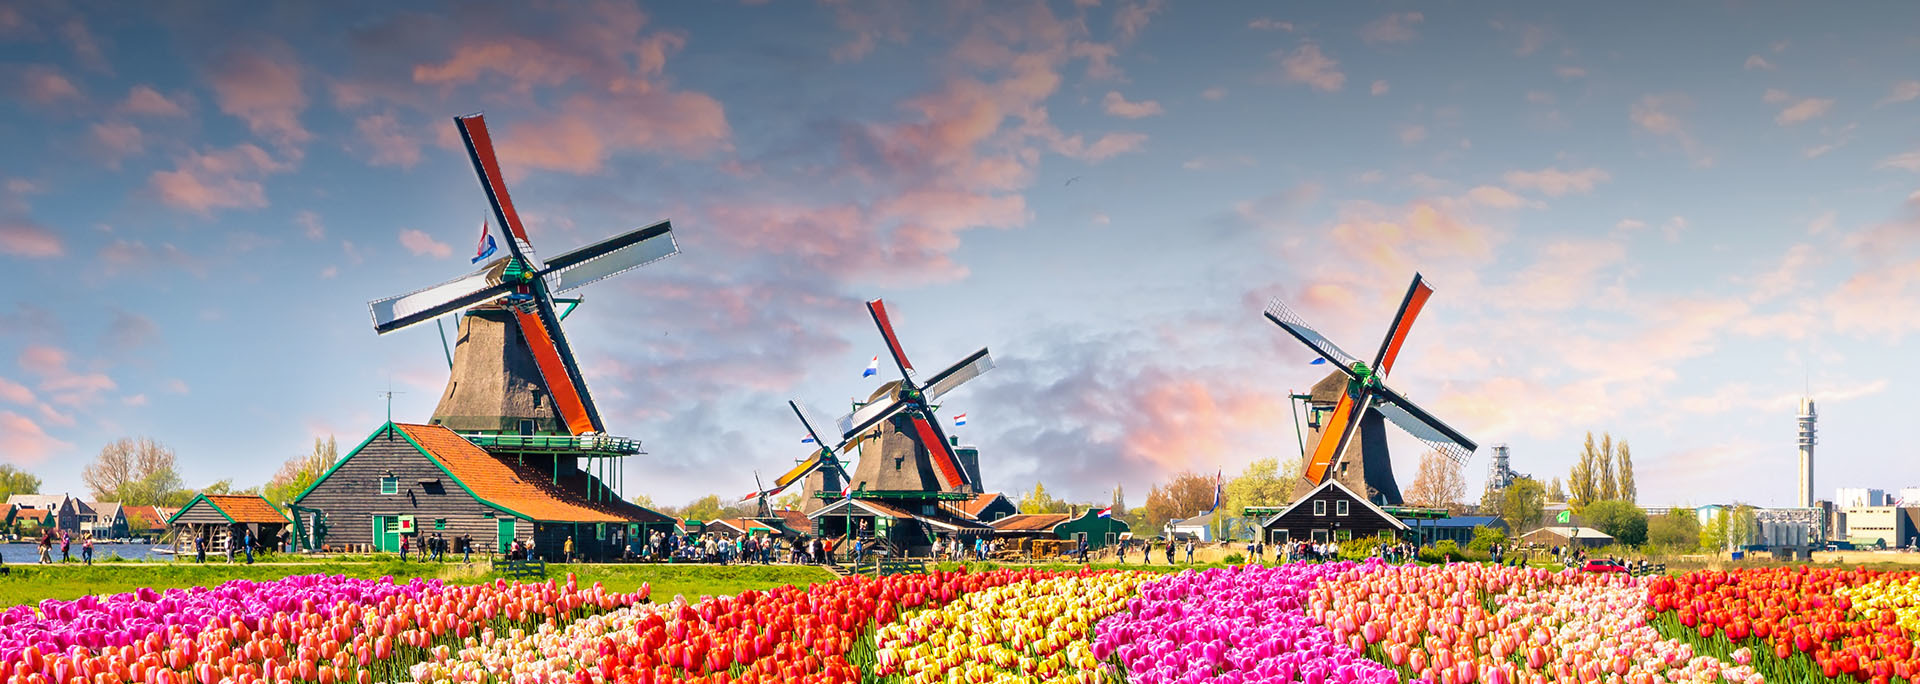 Kerékpártúra a tulipánok földjén Hollandia